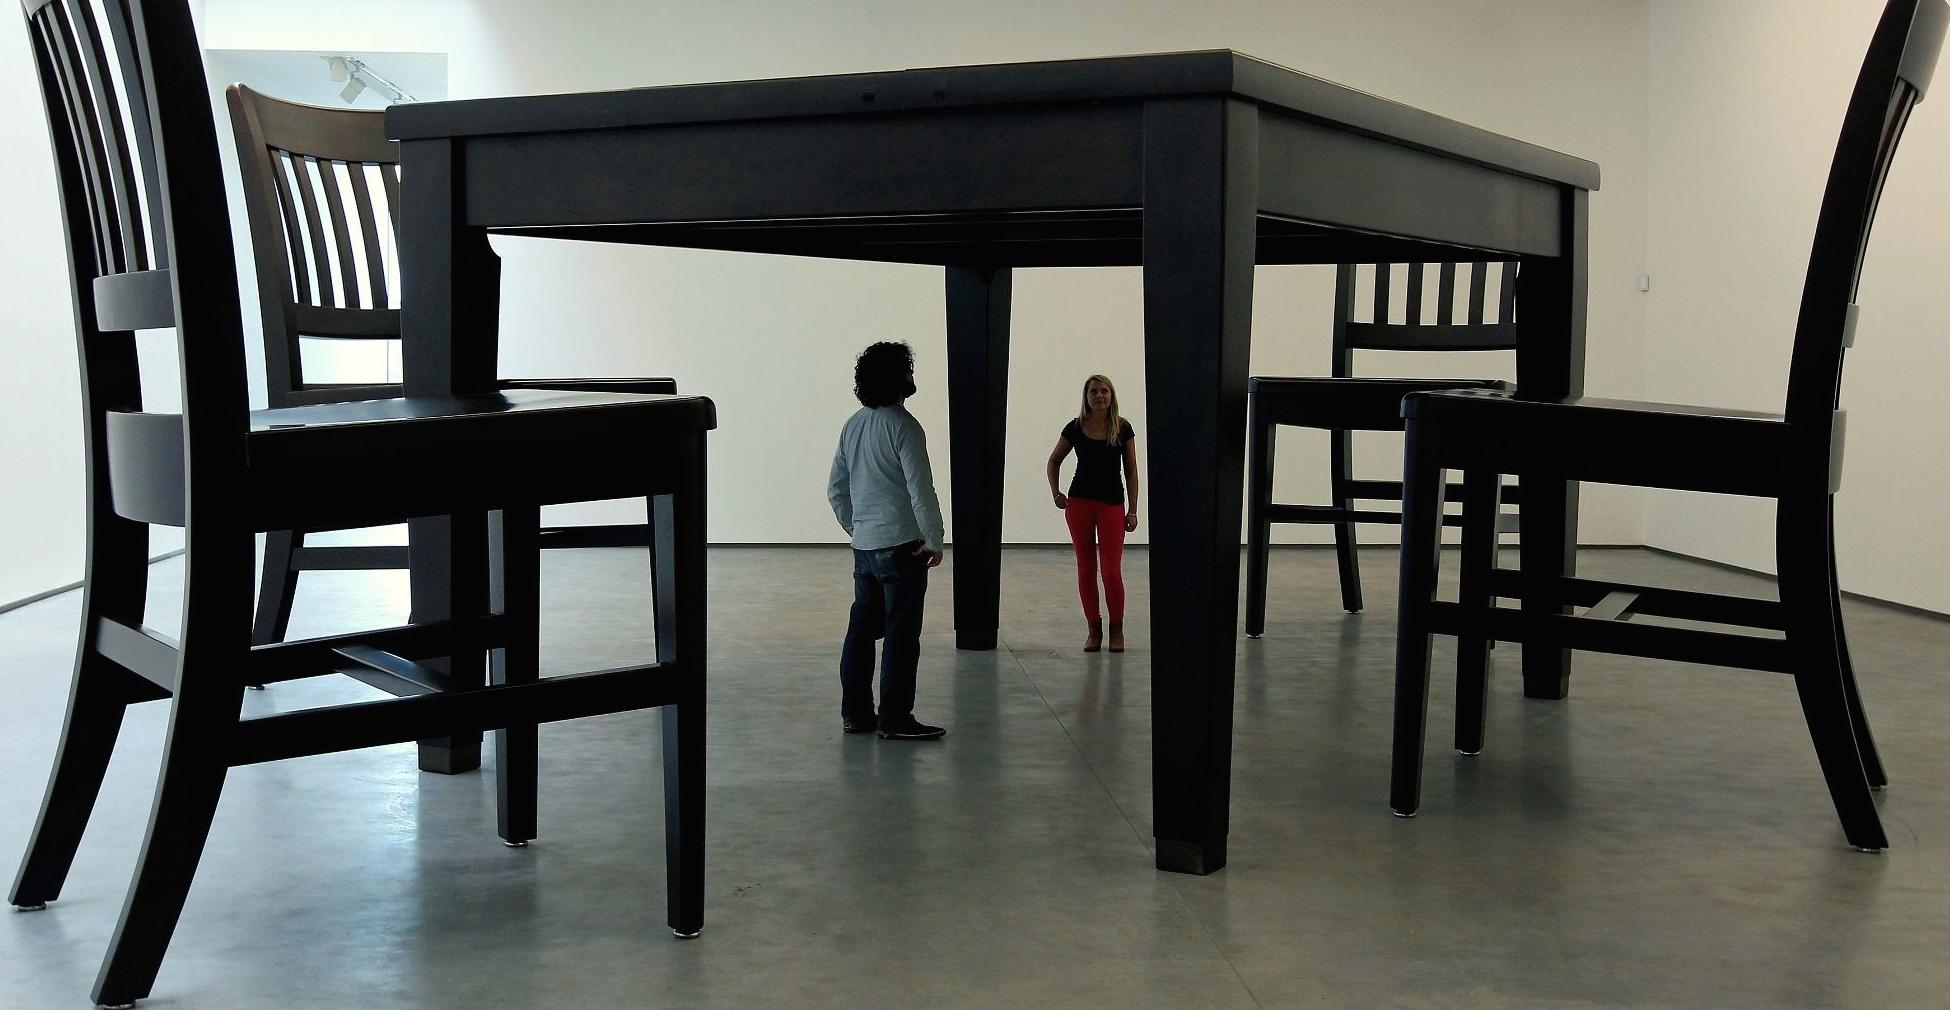 Morto a 71 anni Robert Therrien, l'artista dei mobili giganti